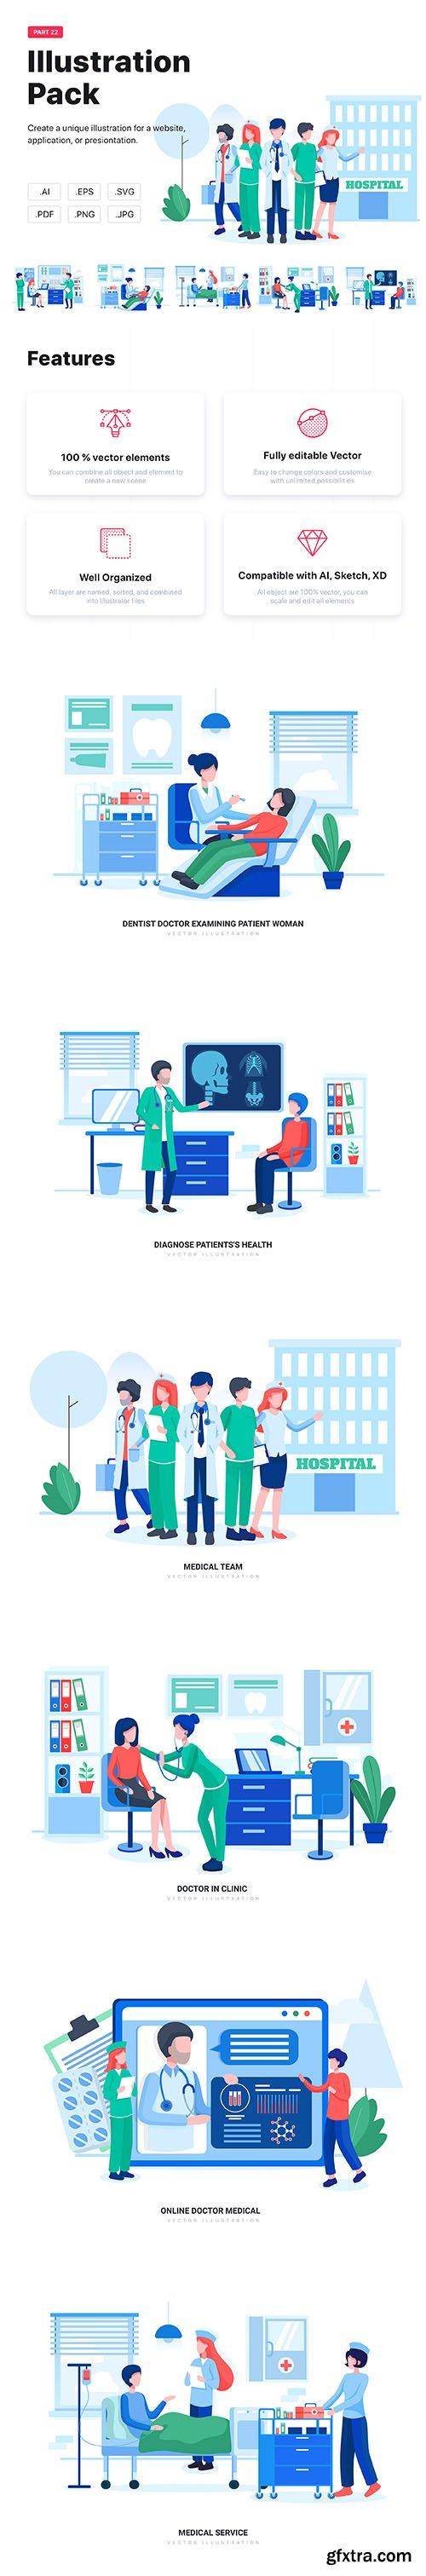 Virgo - bHospital and Healthcare Vector Scenes